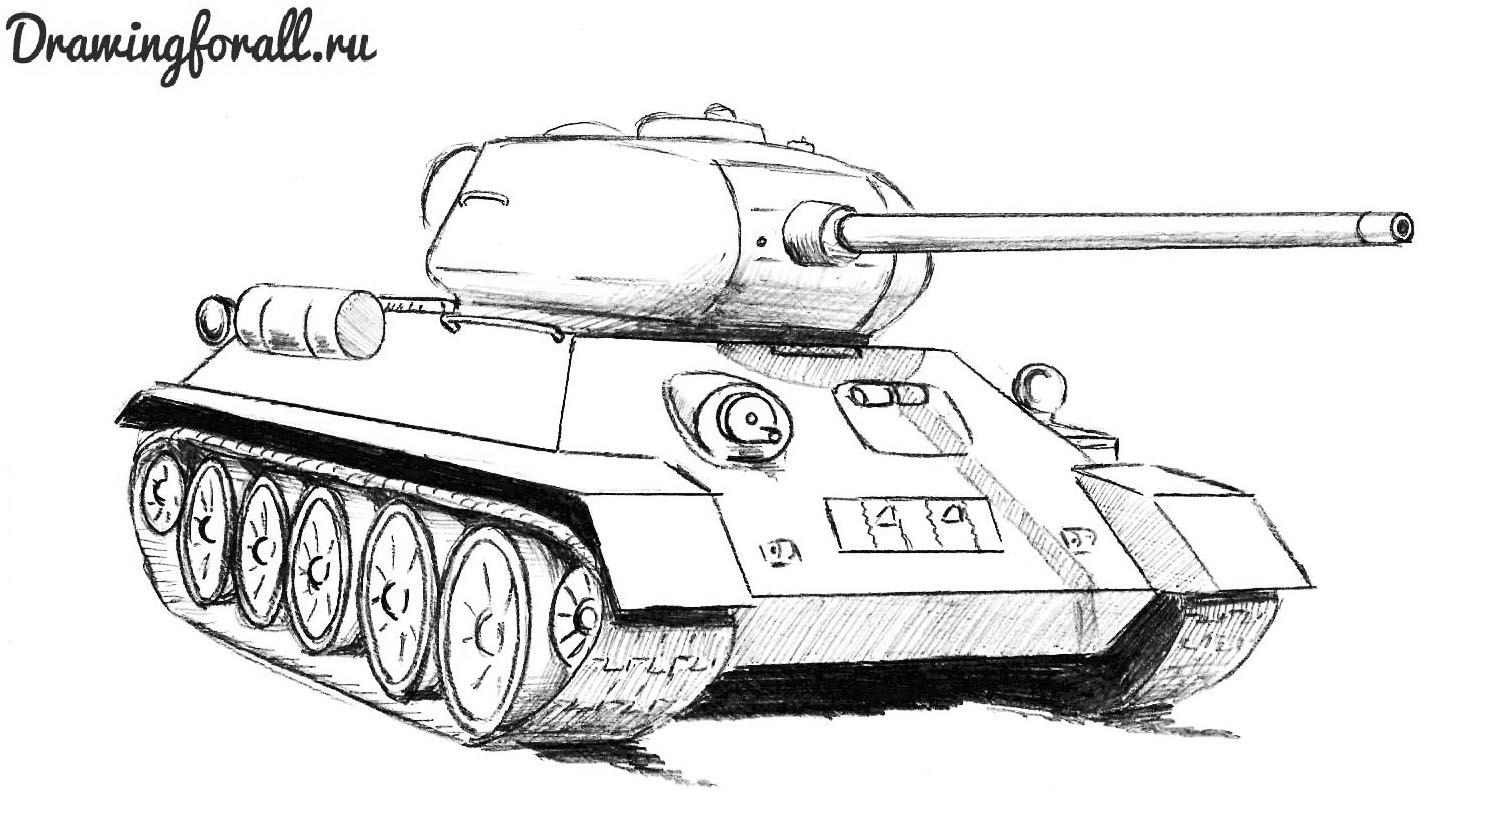 как <em>рисунок танки из world of tanks поэтапно</em> нарисовать танк